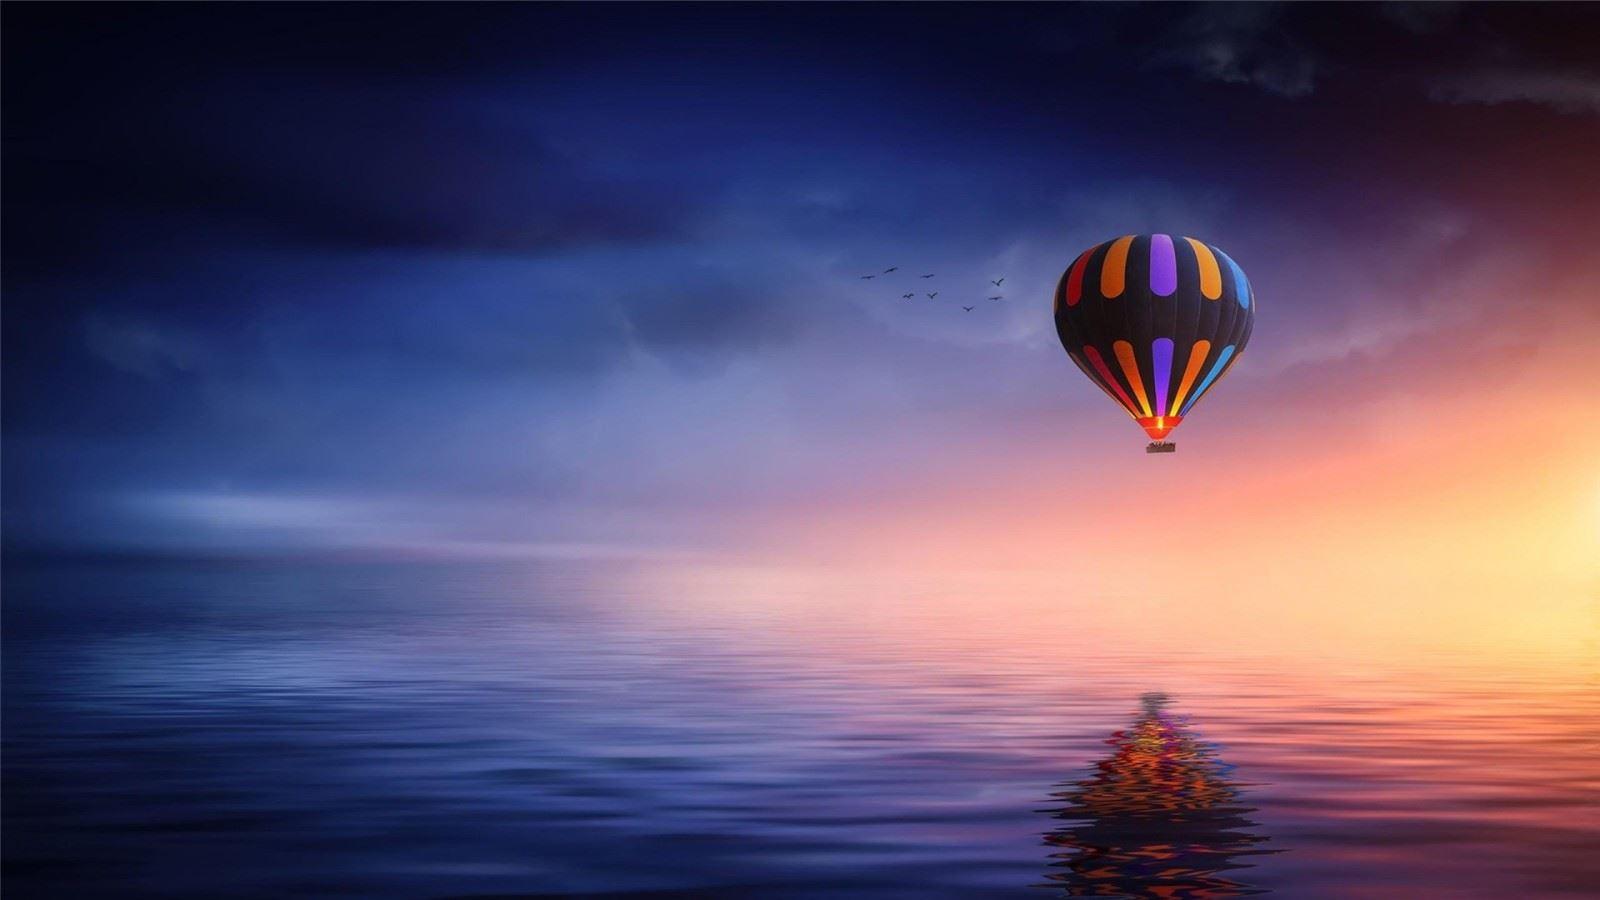 热气球五彩斑斓光影下治